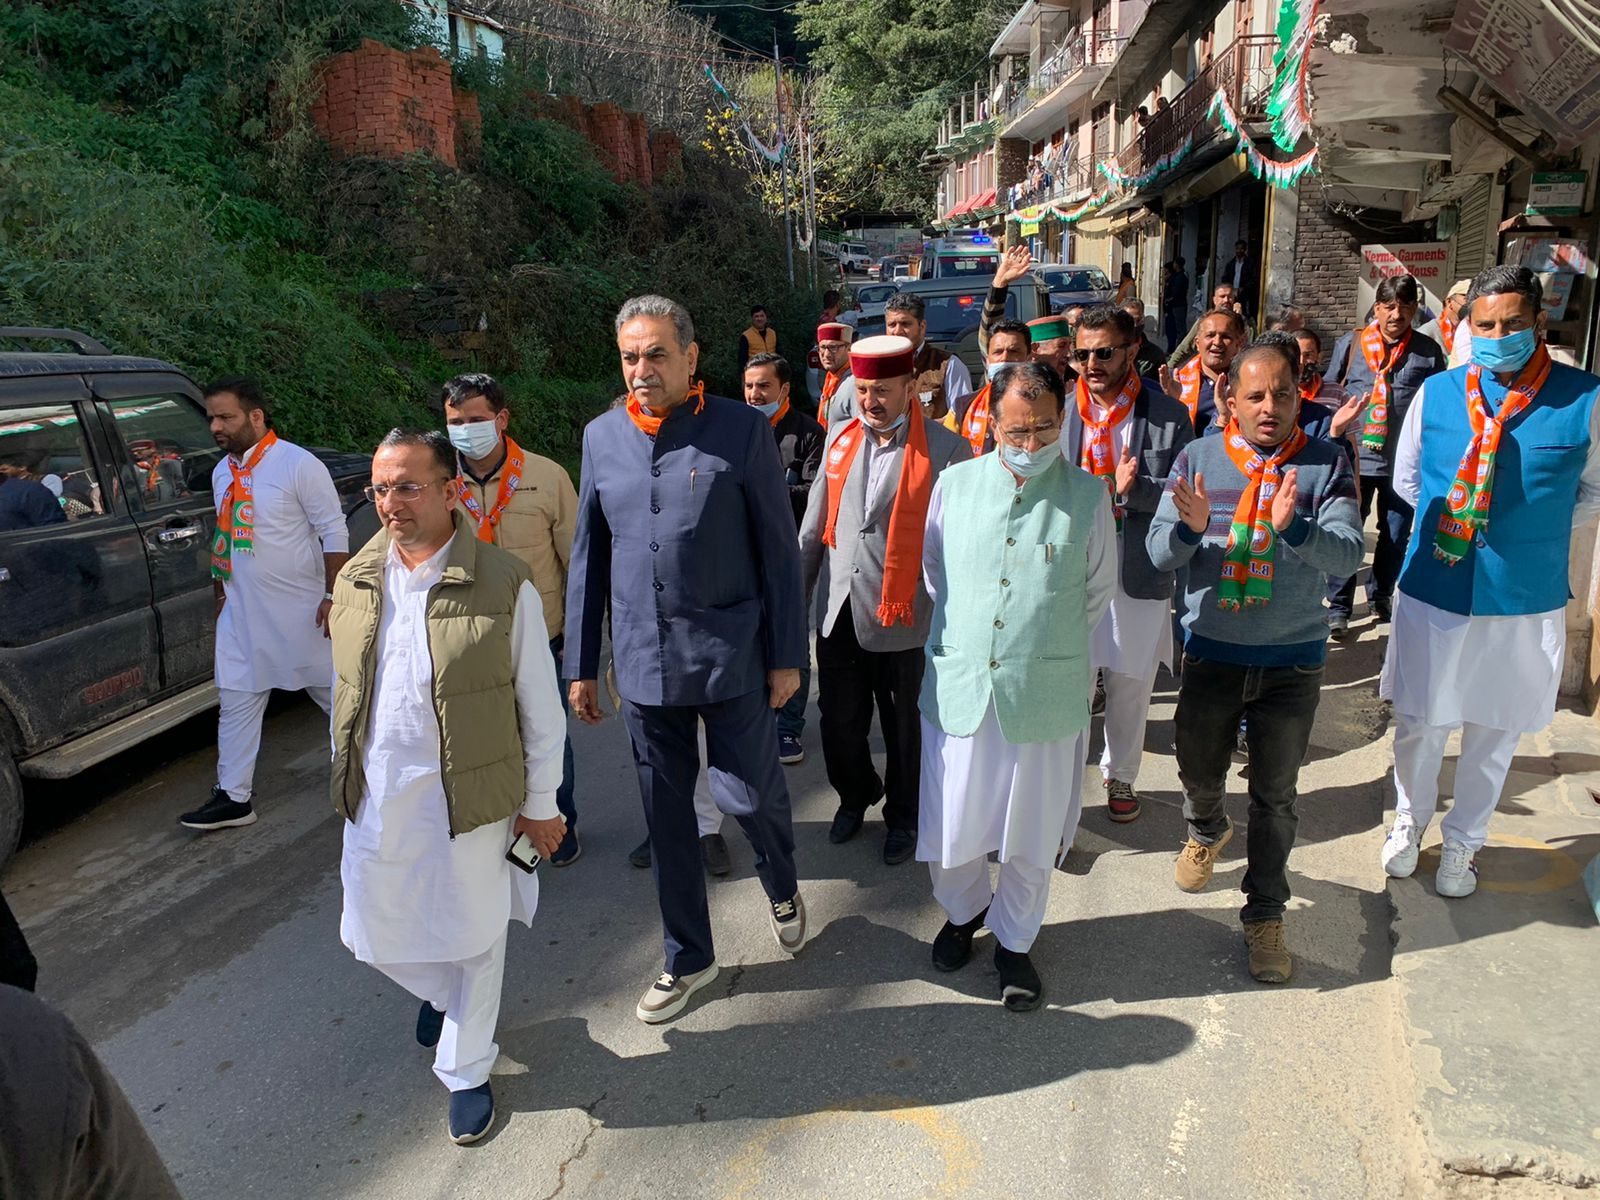 भाजपा में छोटे से छोटे कार्यकर्ता का भविष्य उज्जवल, कांग्रेस में बड़े परिवारों का बोलबाला- टंडन